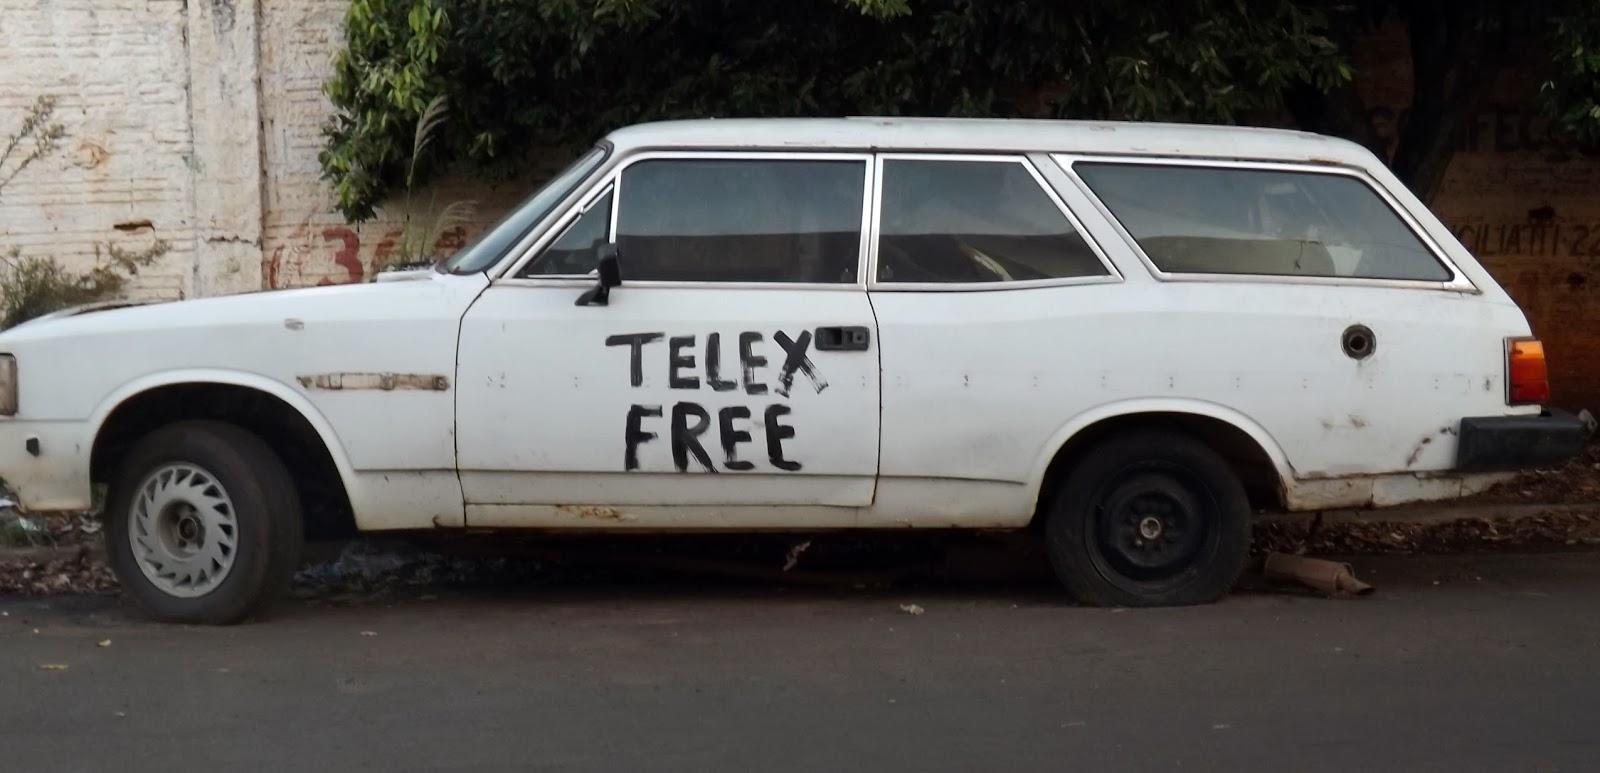 Telexfree - Um Asno